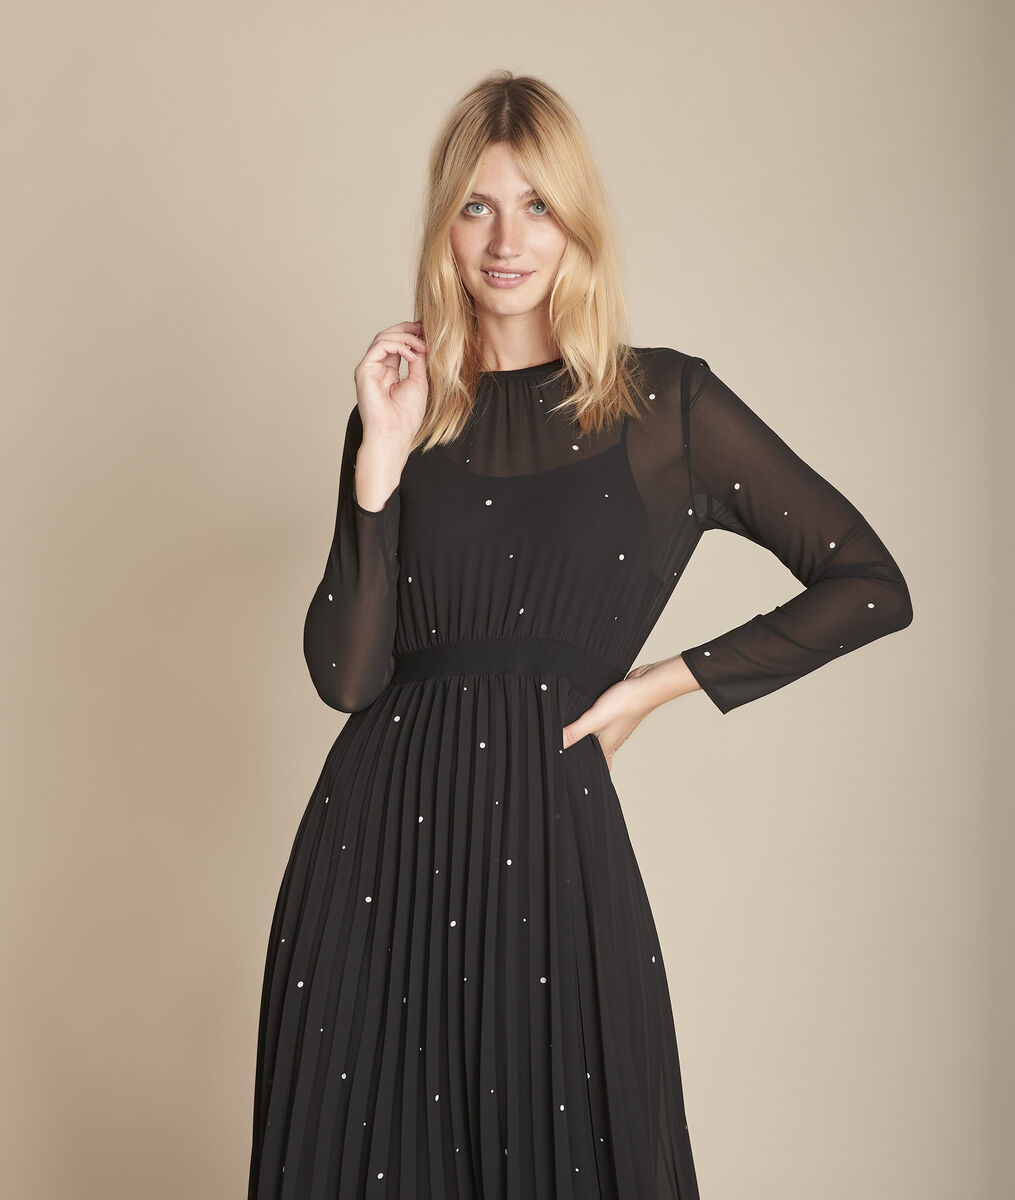 langes kleid schwarz plissiert mit pünktchenmuster iola